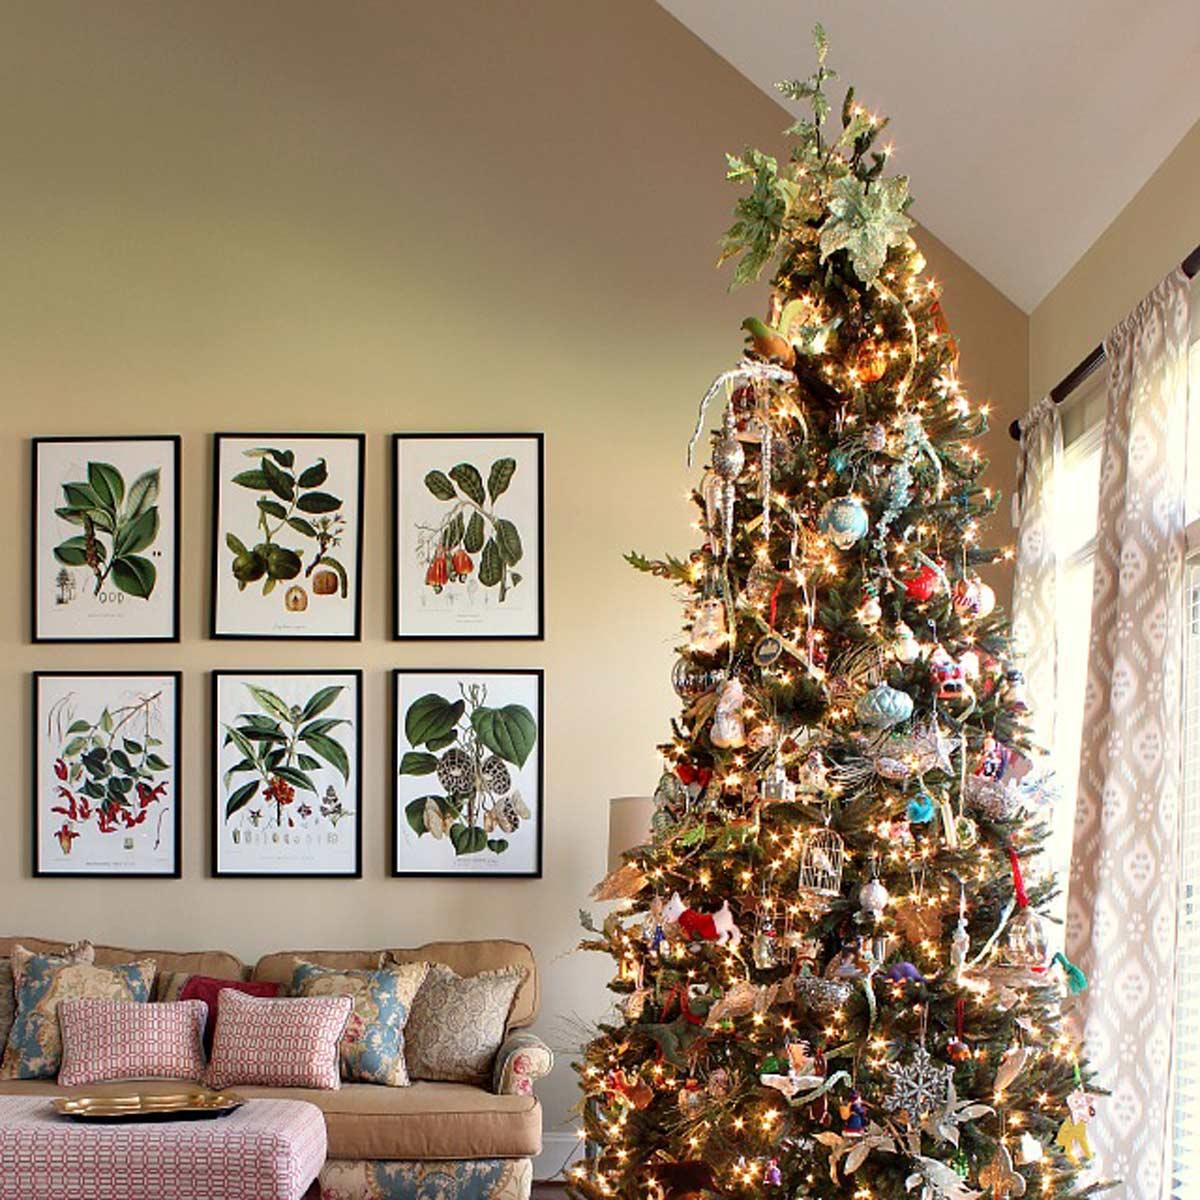 decorazioni-natalizie-divano-quadri-piante